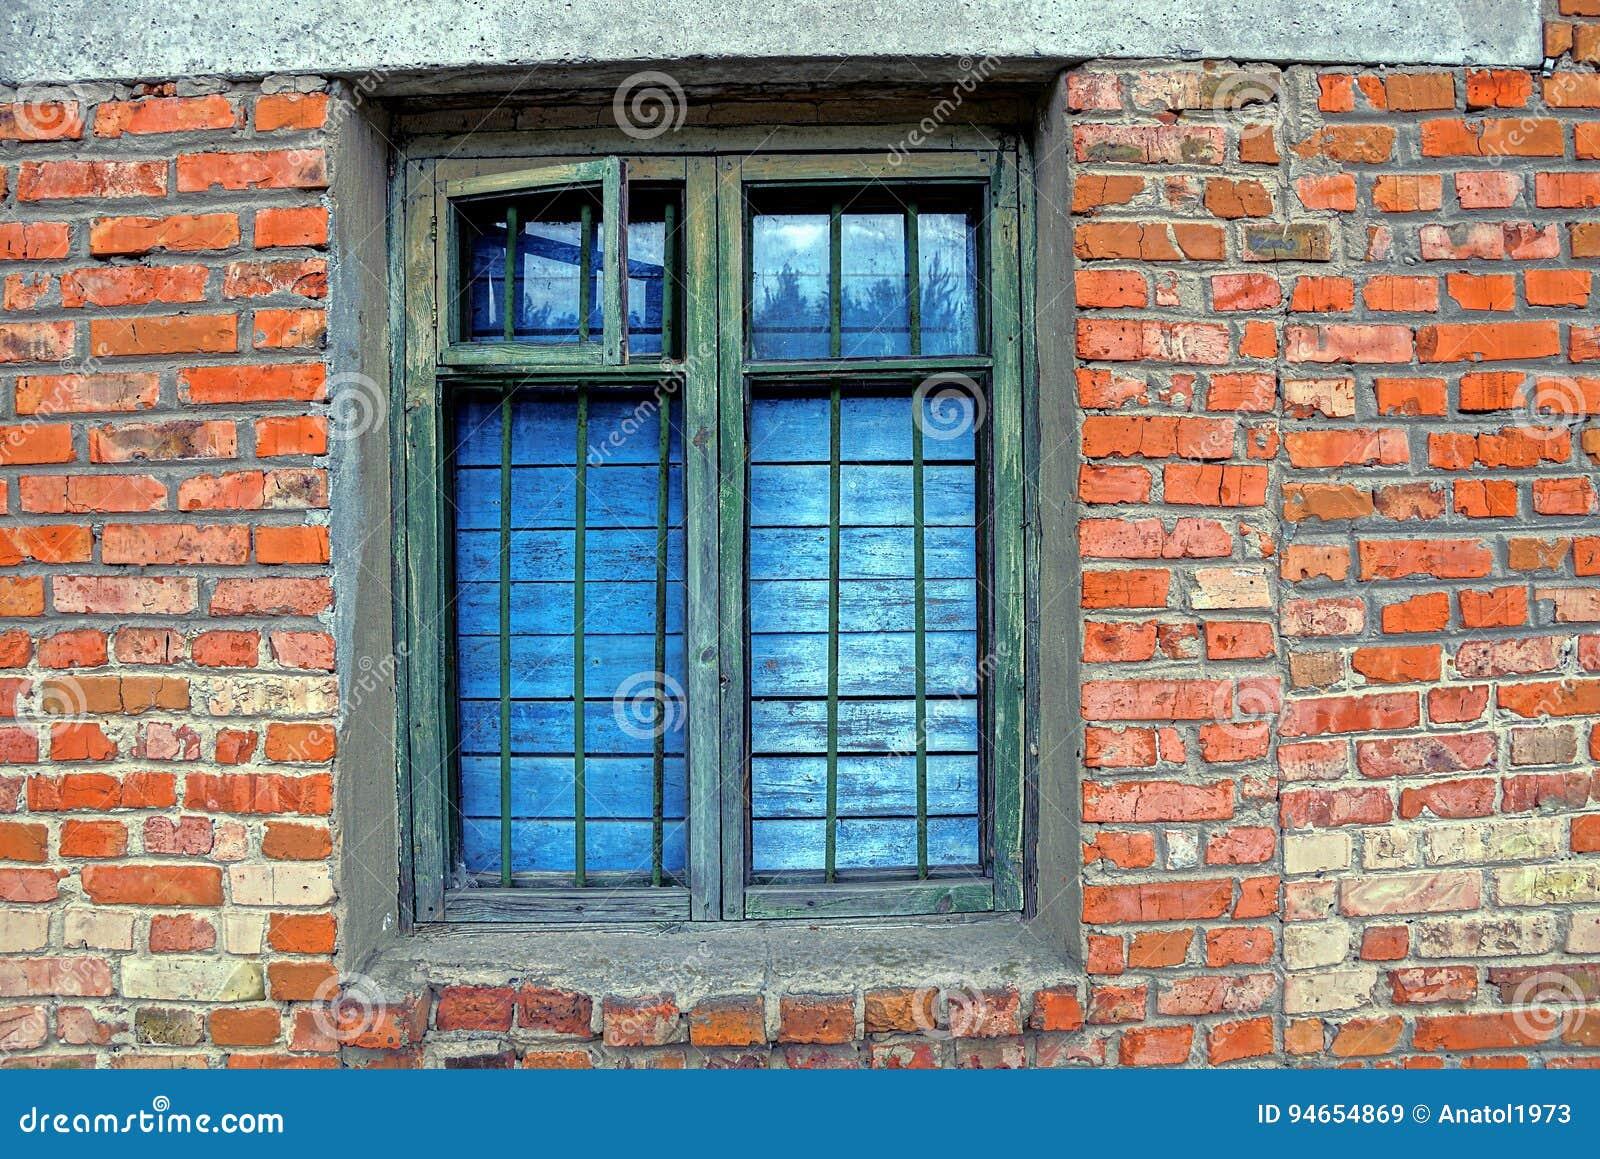 Das Alte Fenster Mit Einem Fensterblatt Oben Verschalt Und Ein